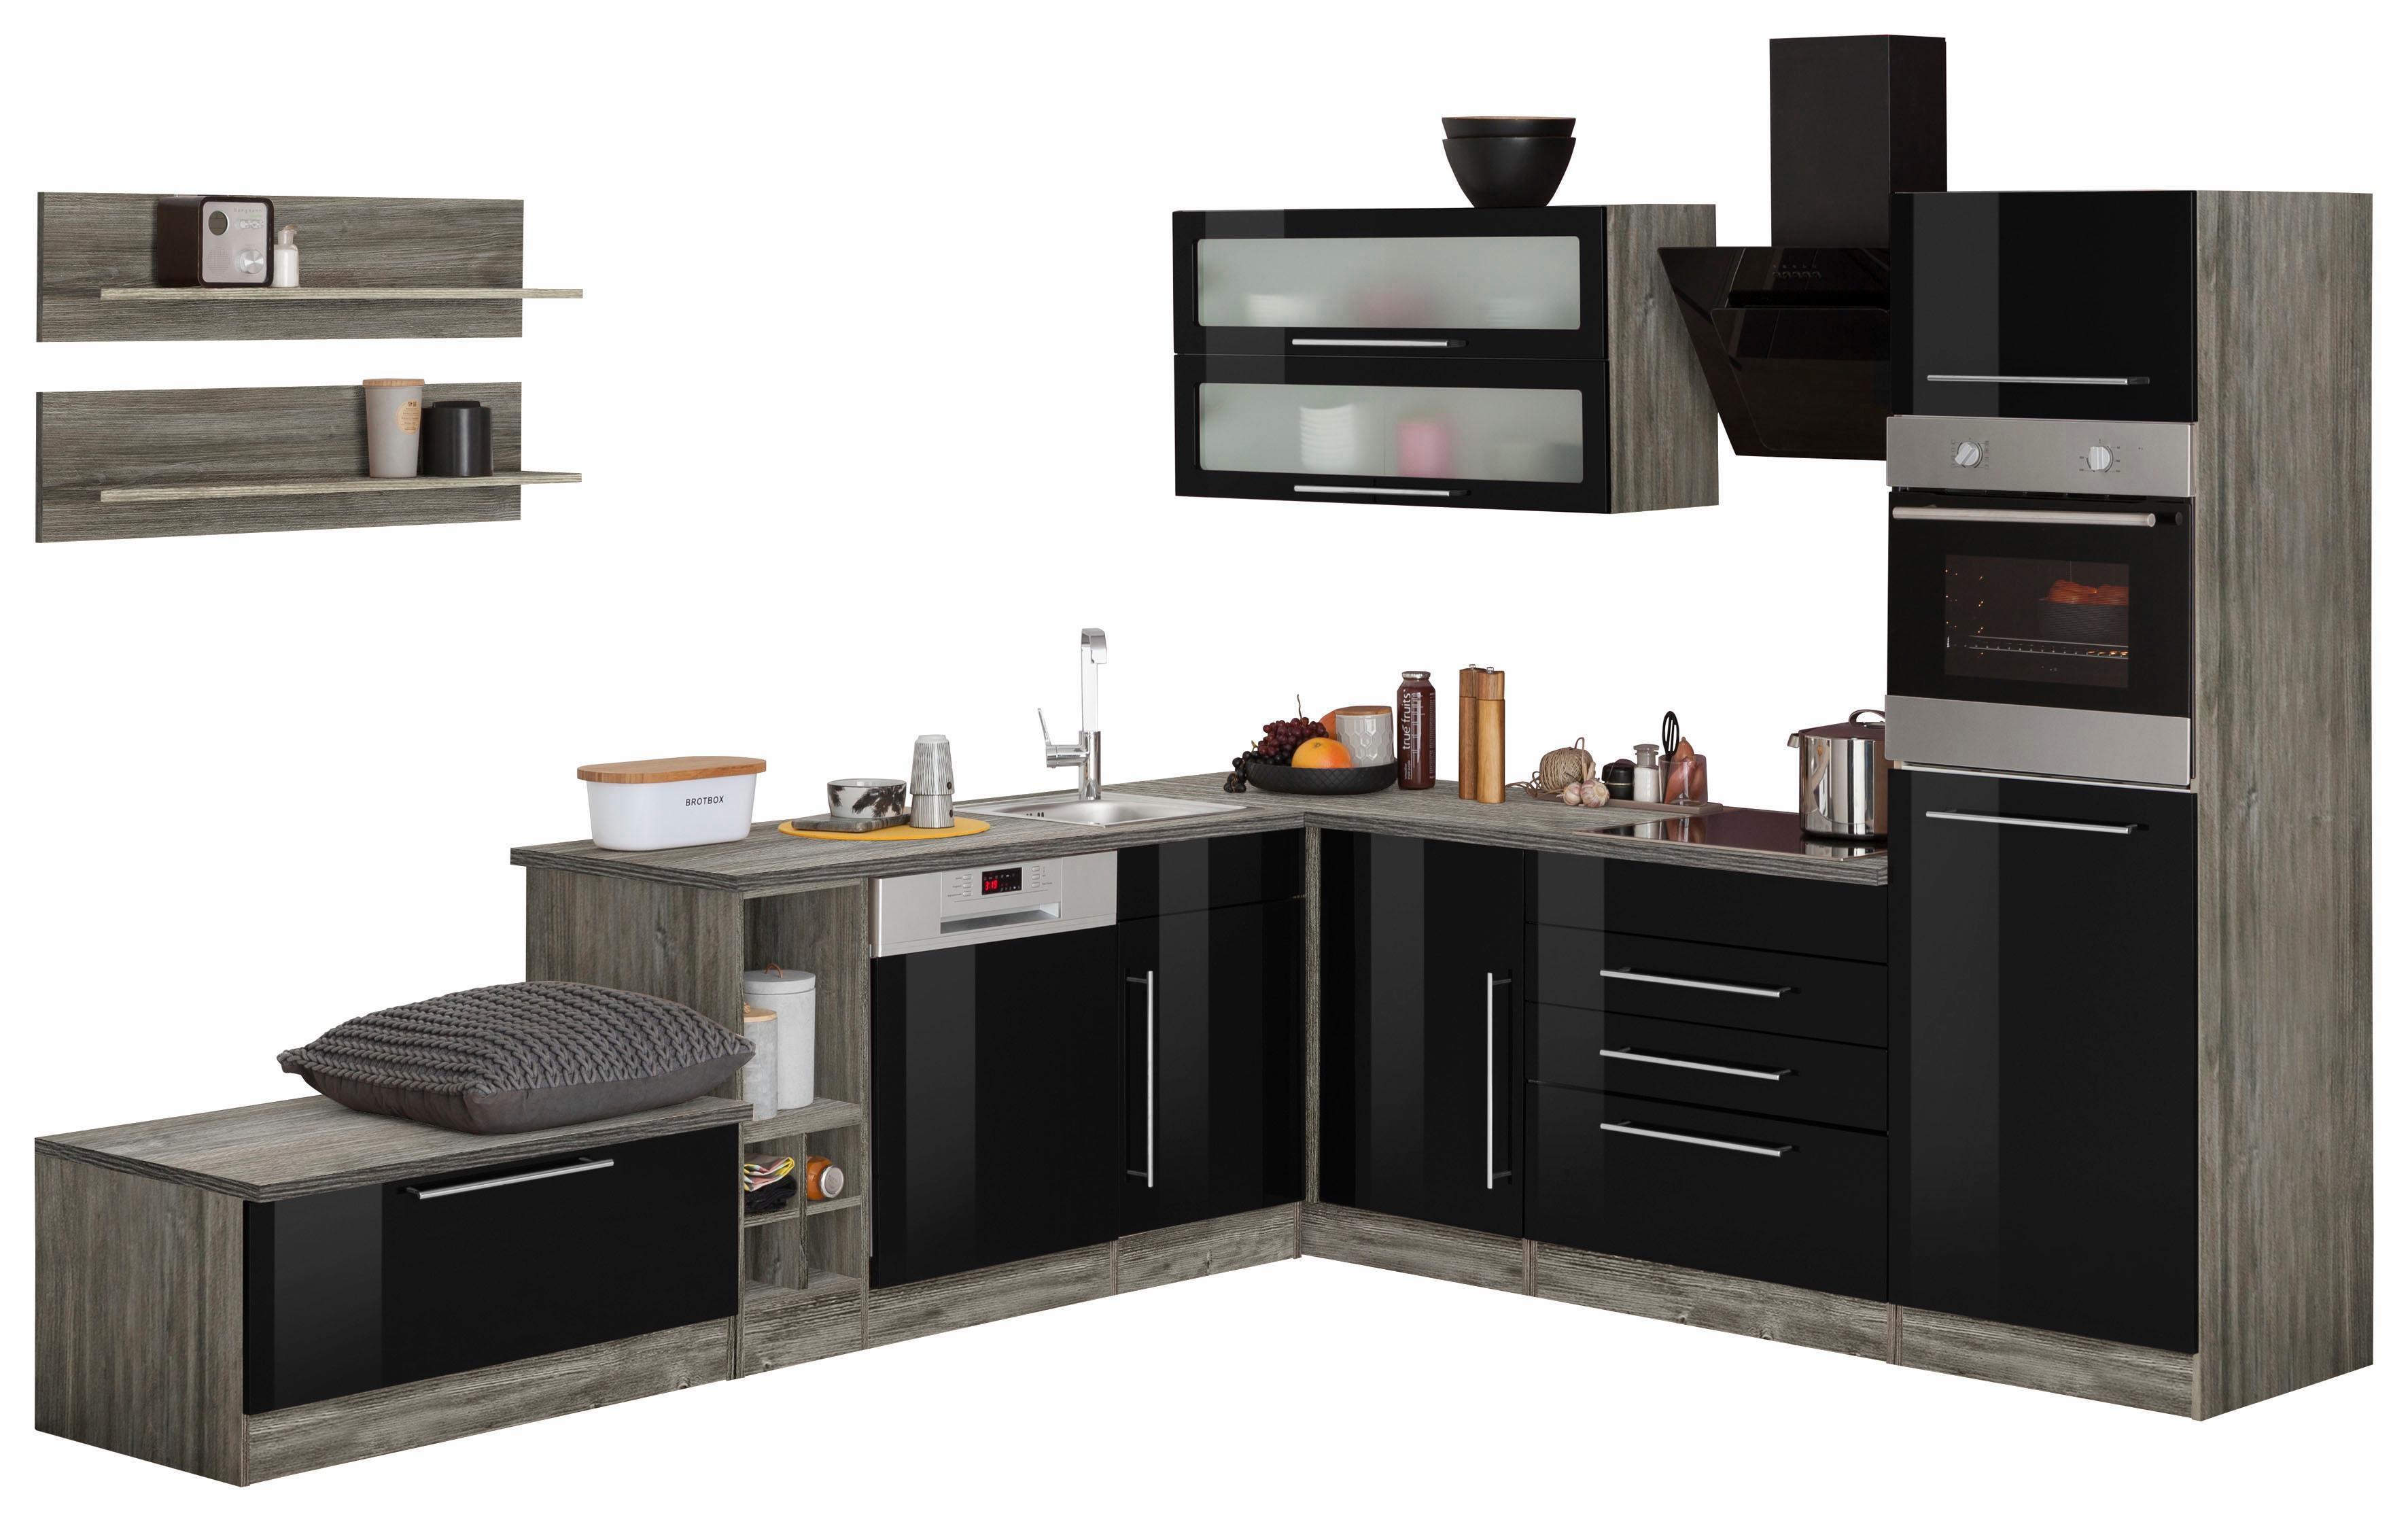 HELD MÖBEL Winkelküche ohne E-Geräte »Samos«, Breite 300/250 cm | Küche und Esszimmer > Küchen > Winkelküchen | Schwarz | Hochglanz - Edelstahl - Spanplatte | HELD MÖBEL